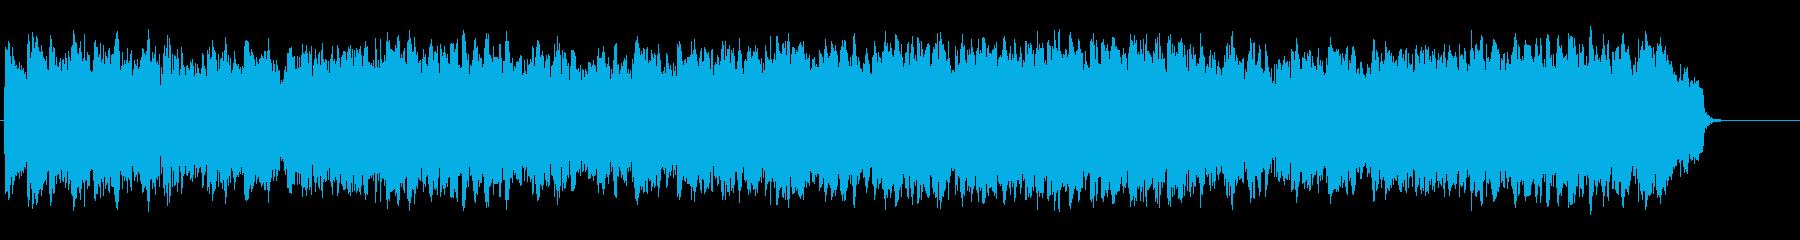 ほのぼのと暖かいオーケストラ/テーマの再生済みの波形